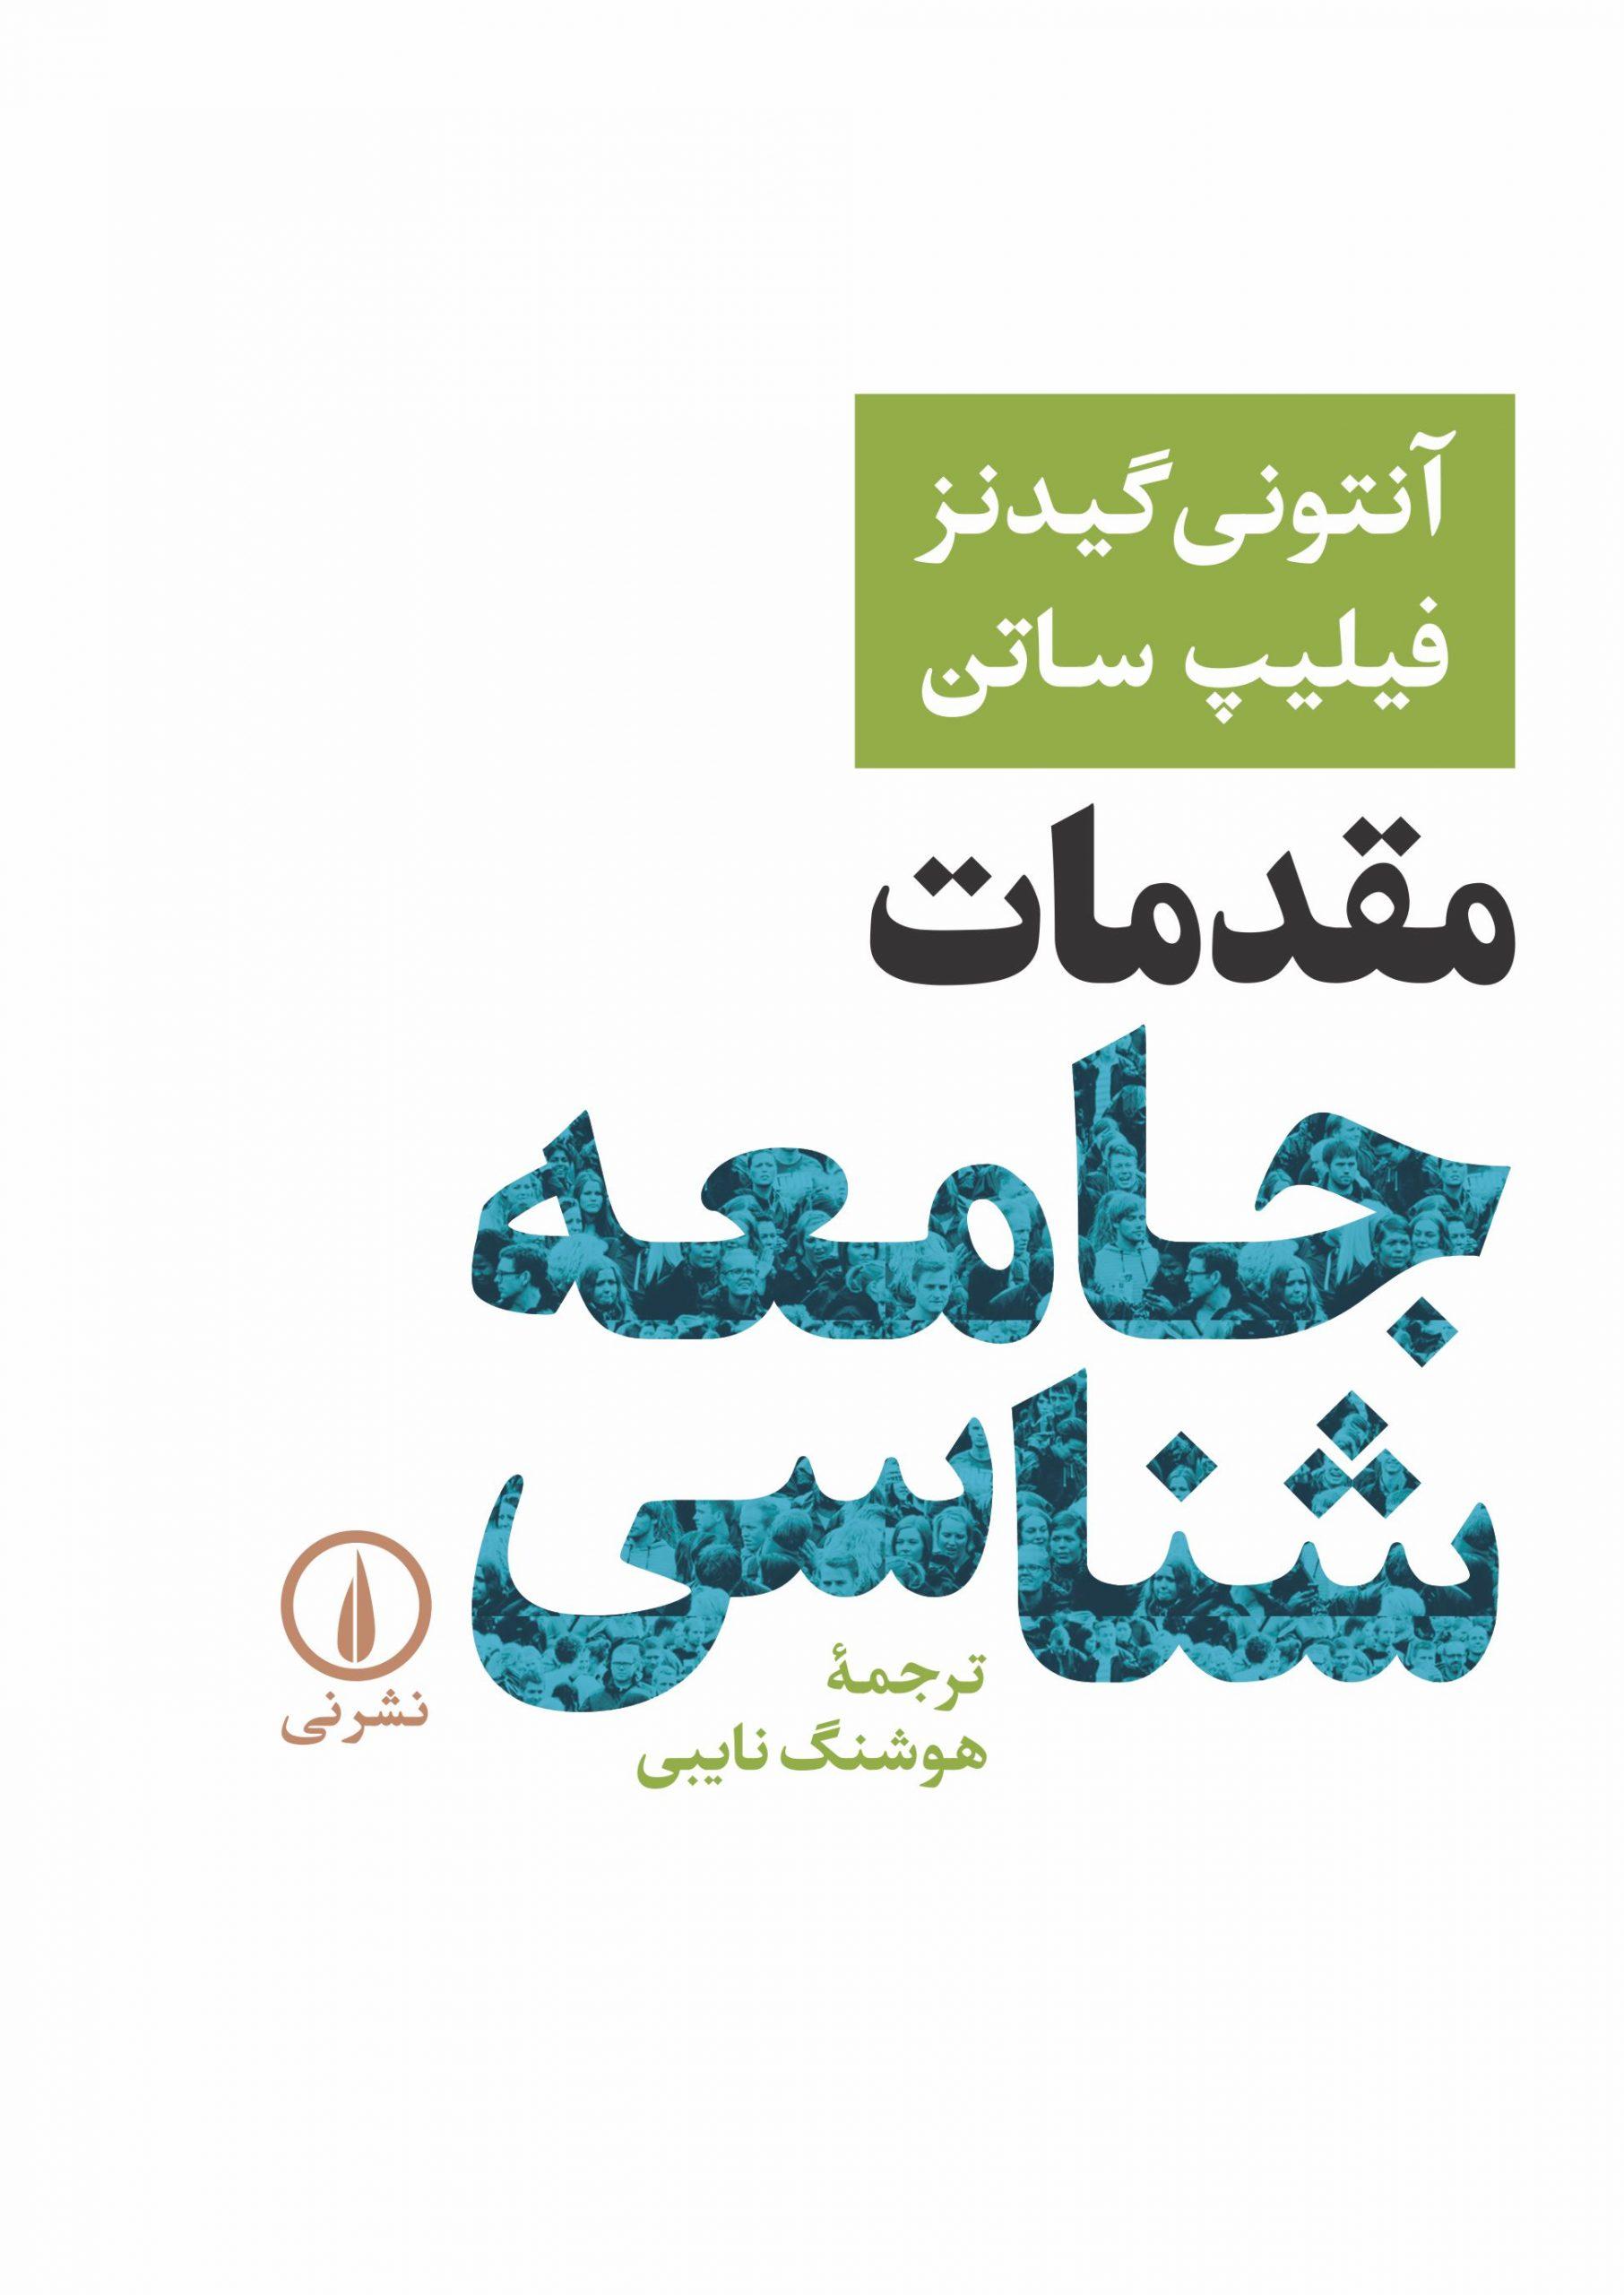 کتاب مقدمات جامعه شناسی-گیدنز